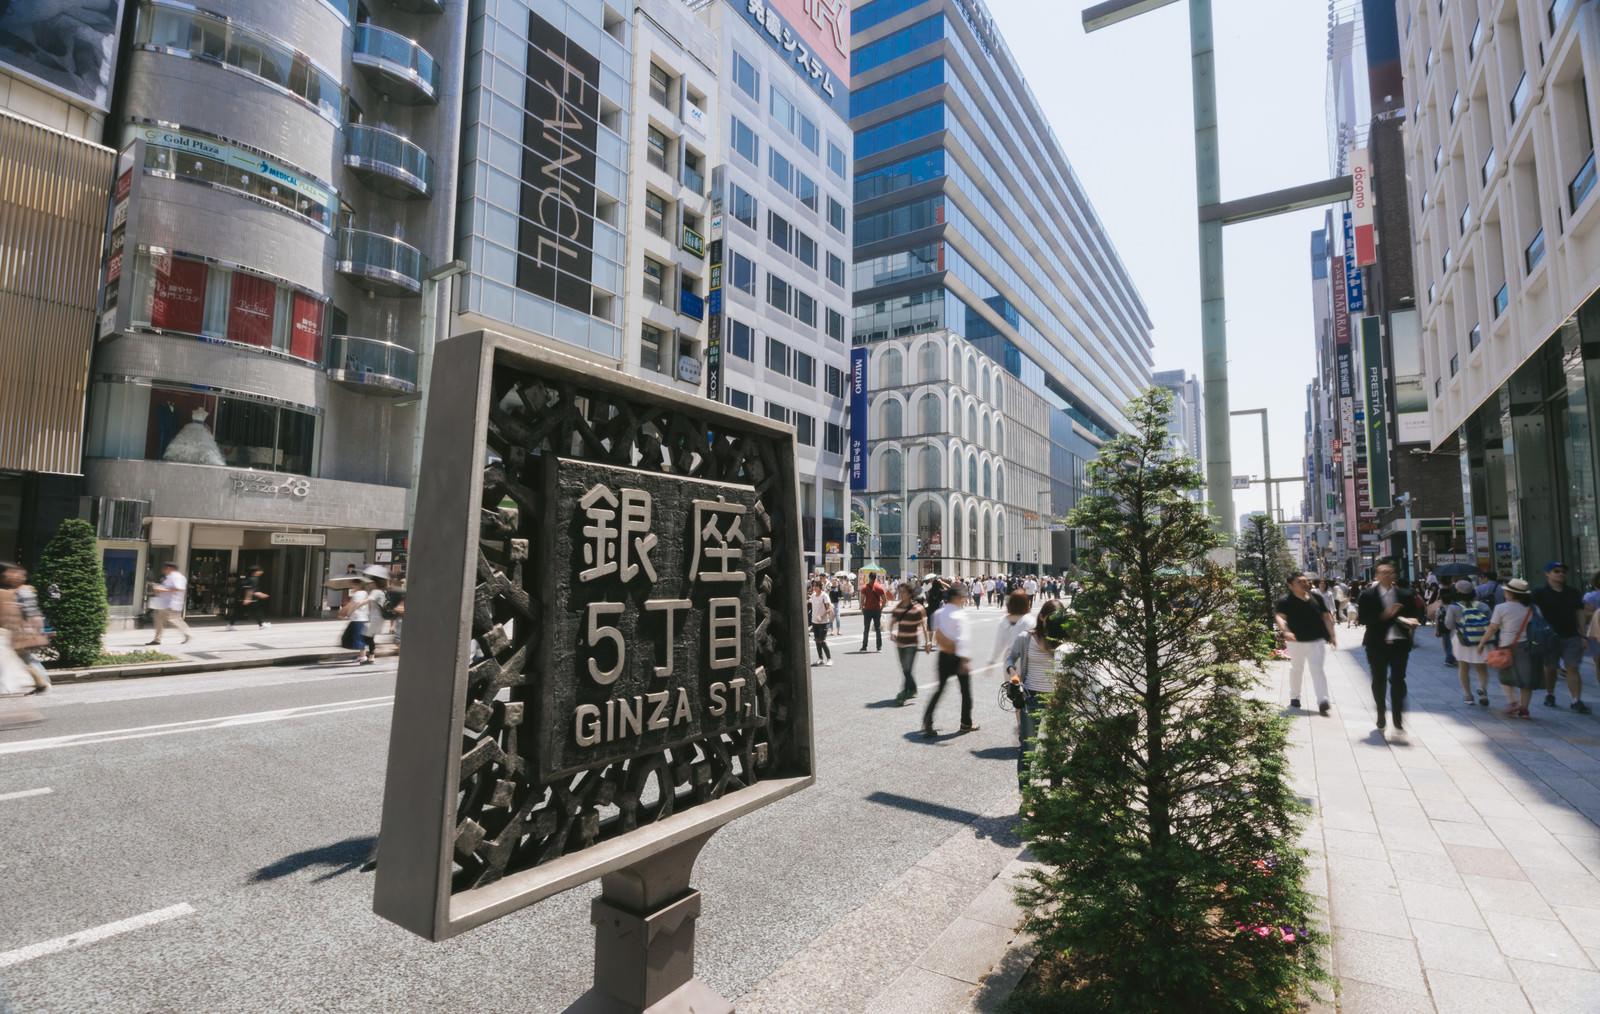 「銀座5丁目と書かれた案内板」の写真